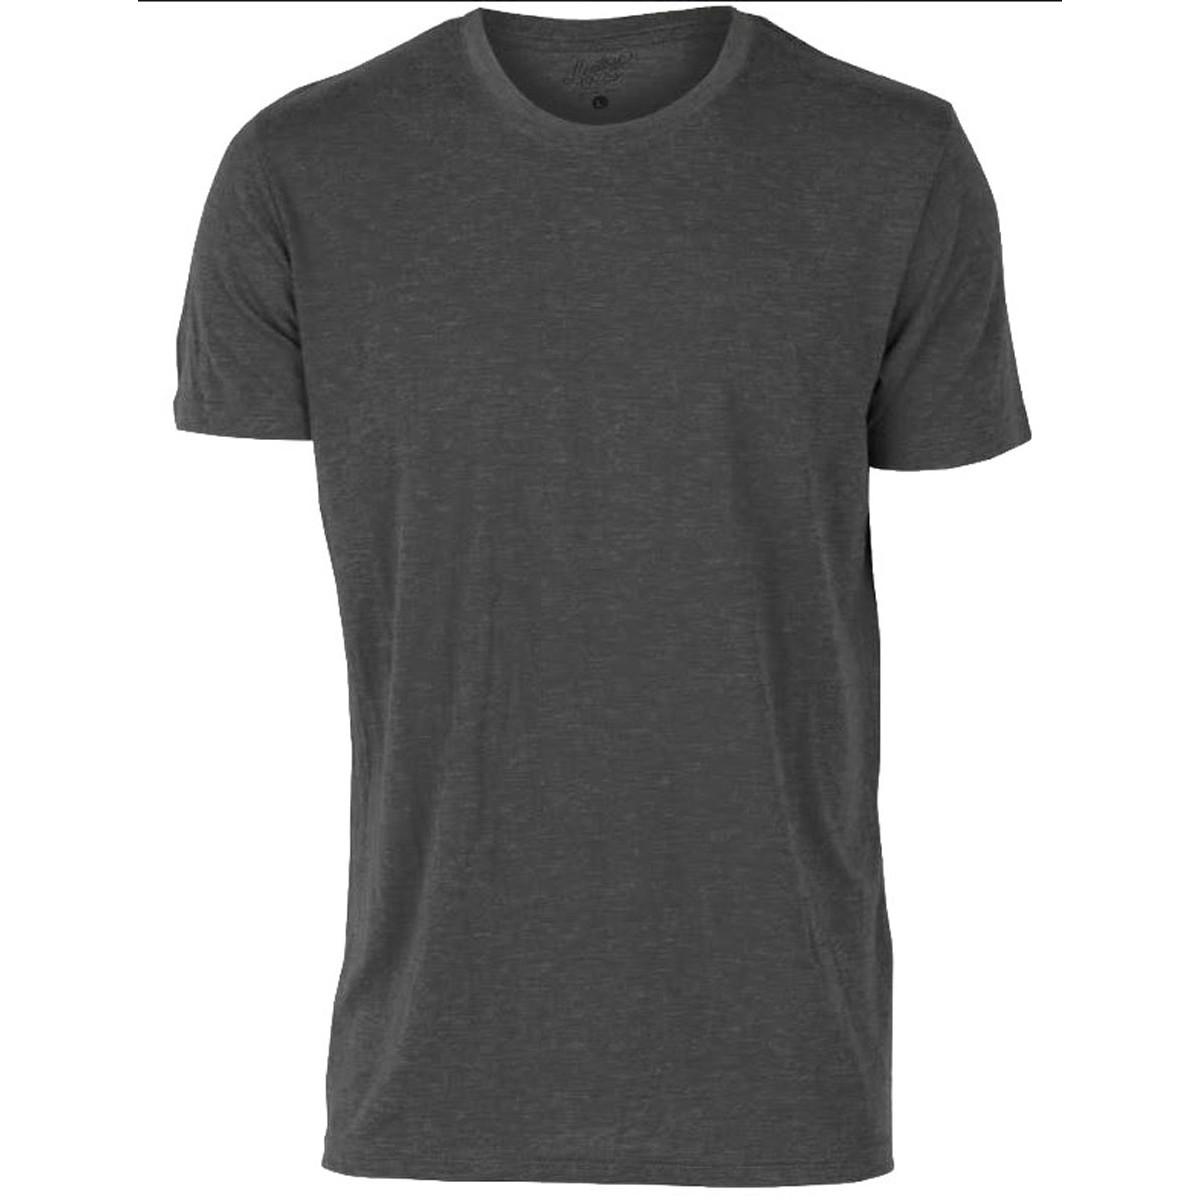 aa8bd58b8 Men's Seeded & Sewn Crew T-Shirt | SCHEELS.com